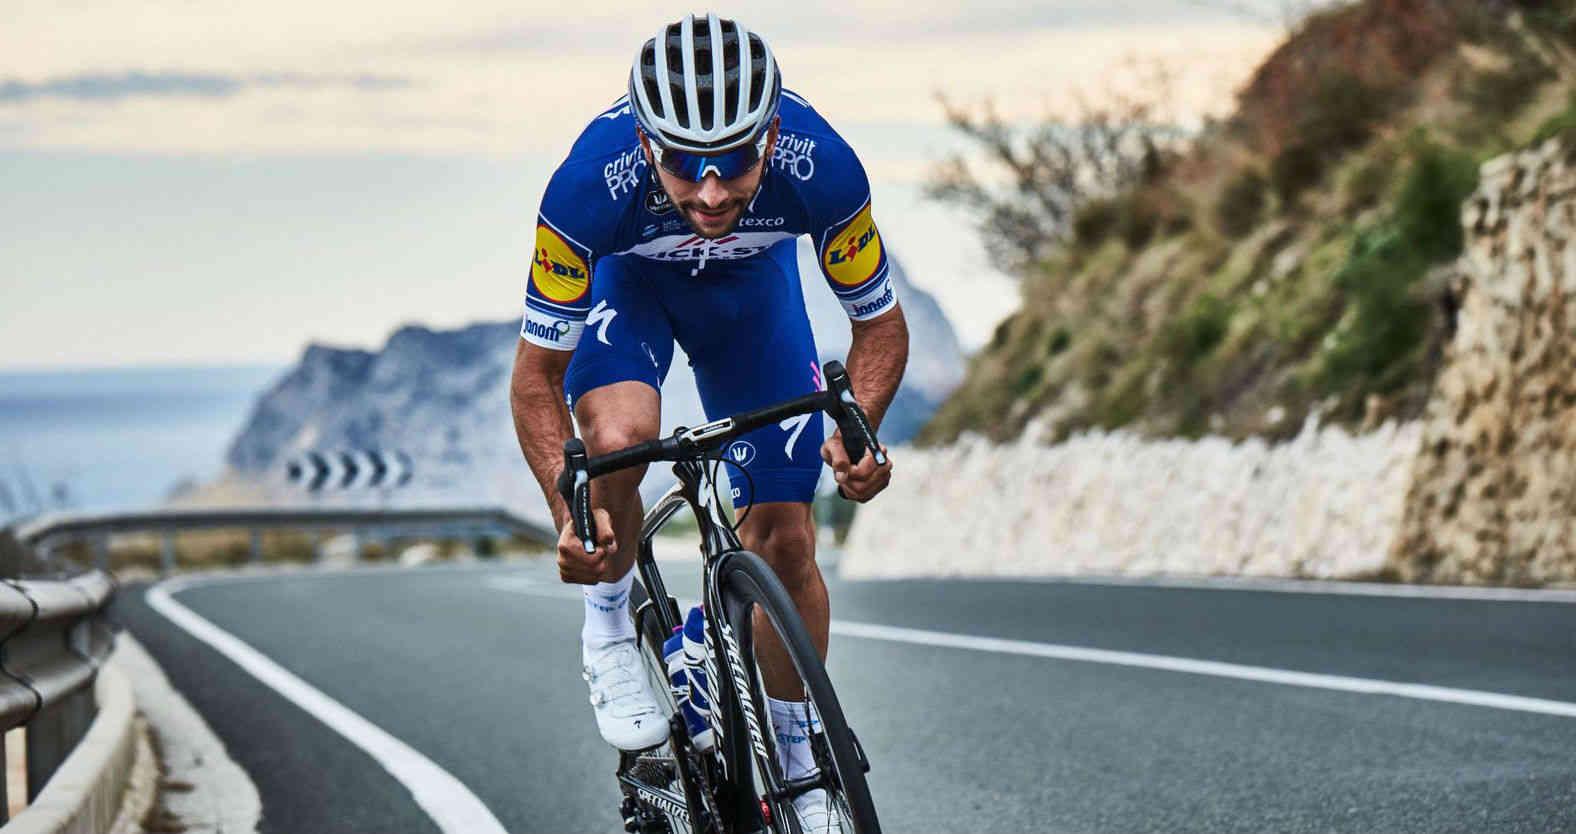 ¡Feliz día Internacional del ciclista!